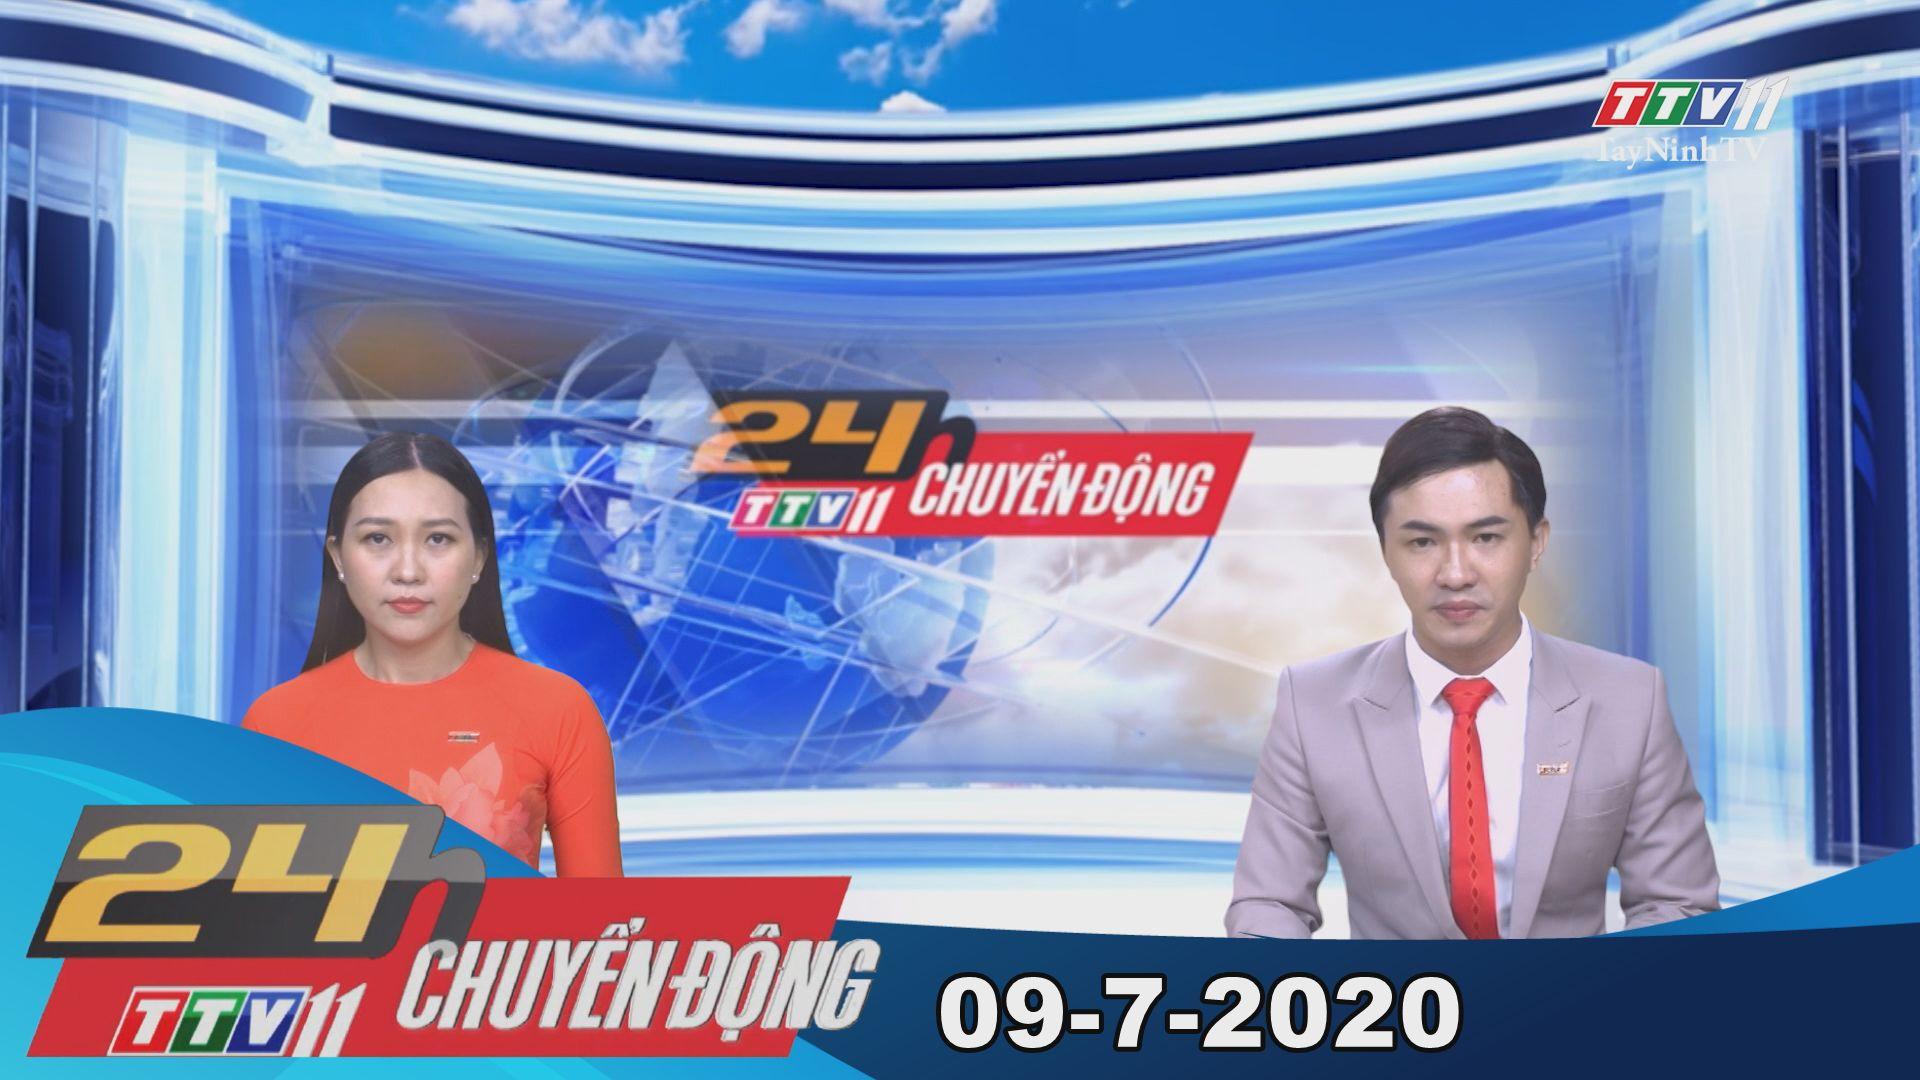 24h Chuyển động 09-7-2020 | Tin tức hôm nay | TayNinhTV